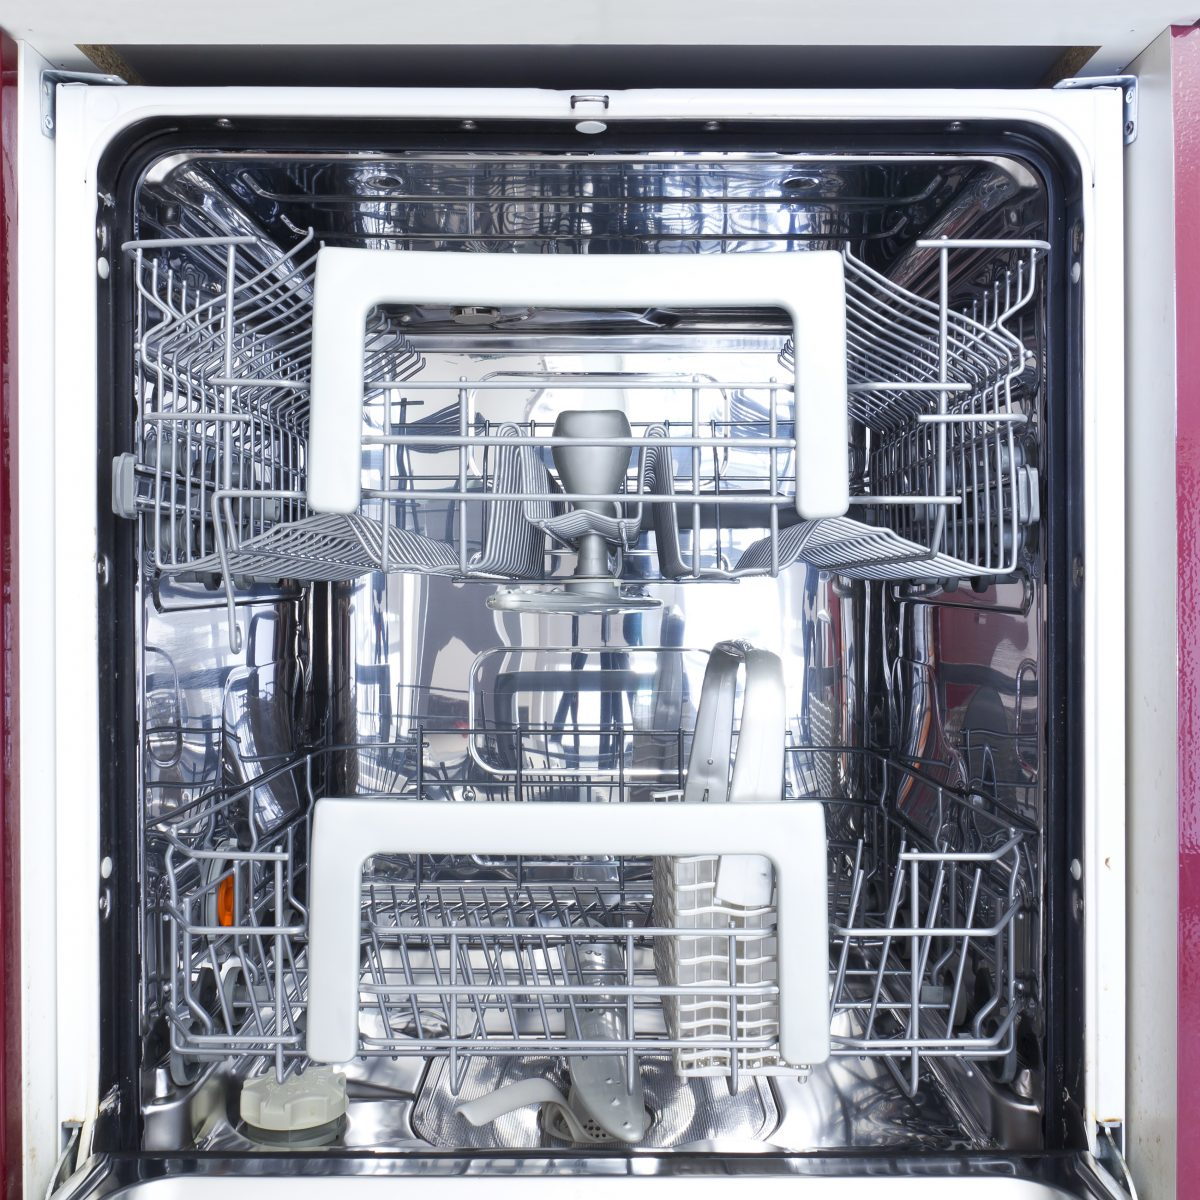 scopri come sanificare la lavastoviglie AdobeStock 41945000